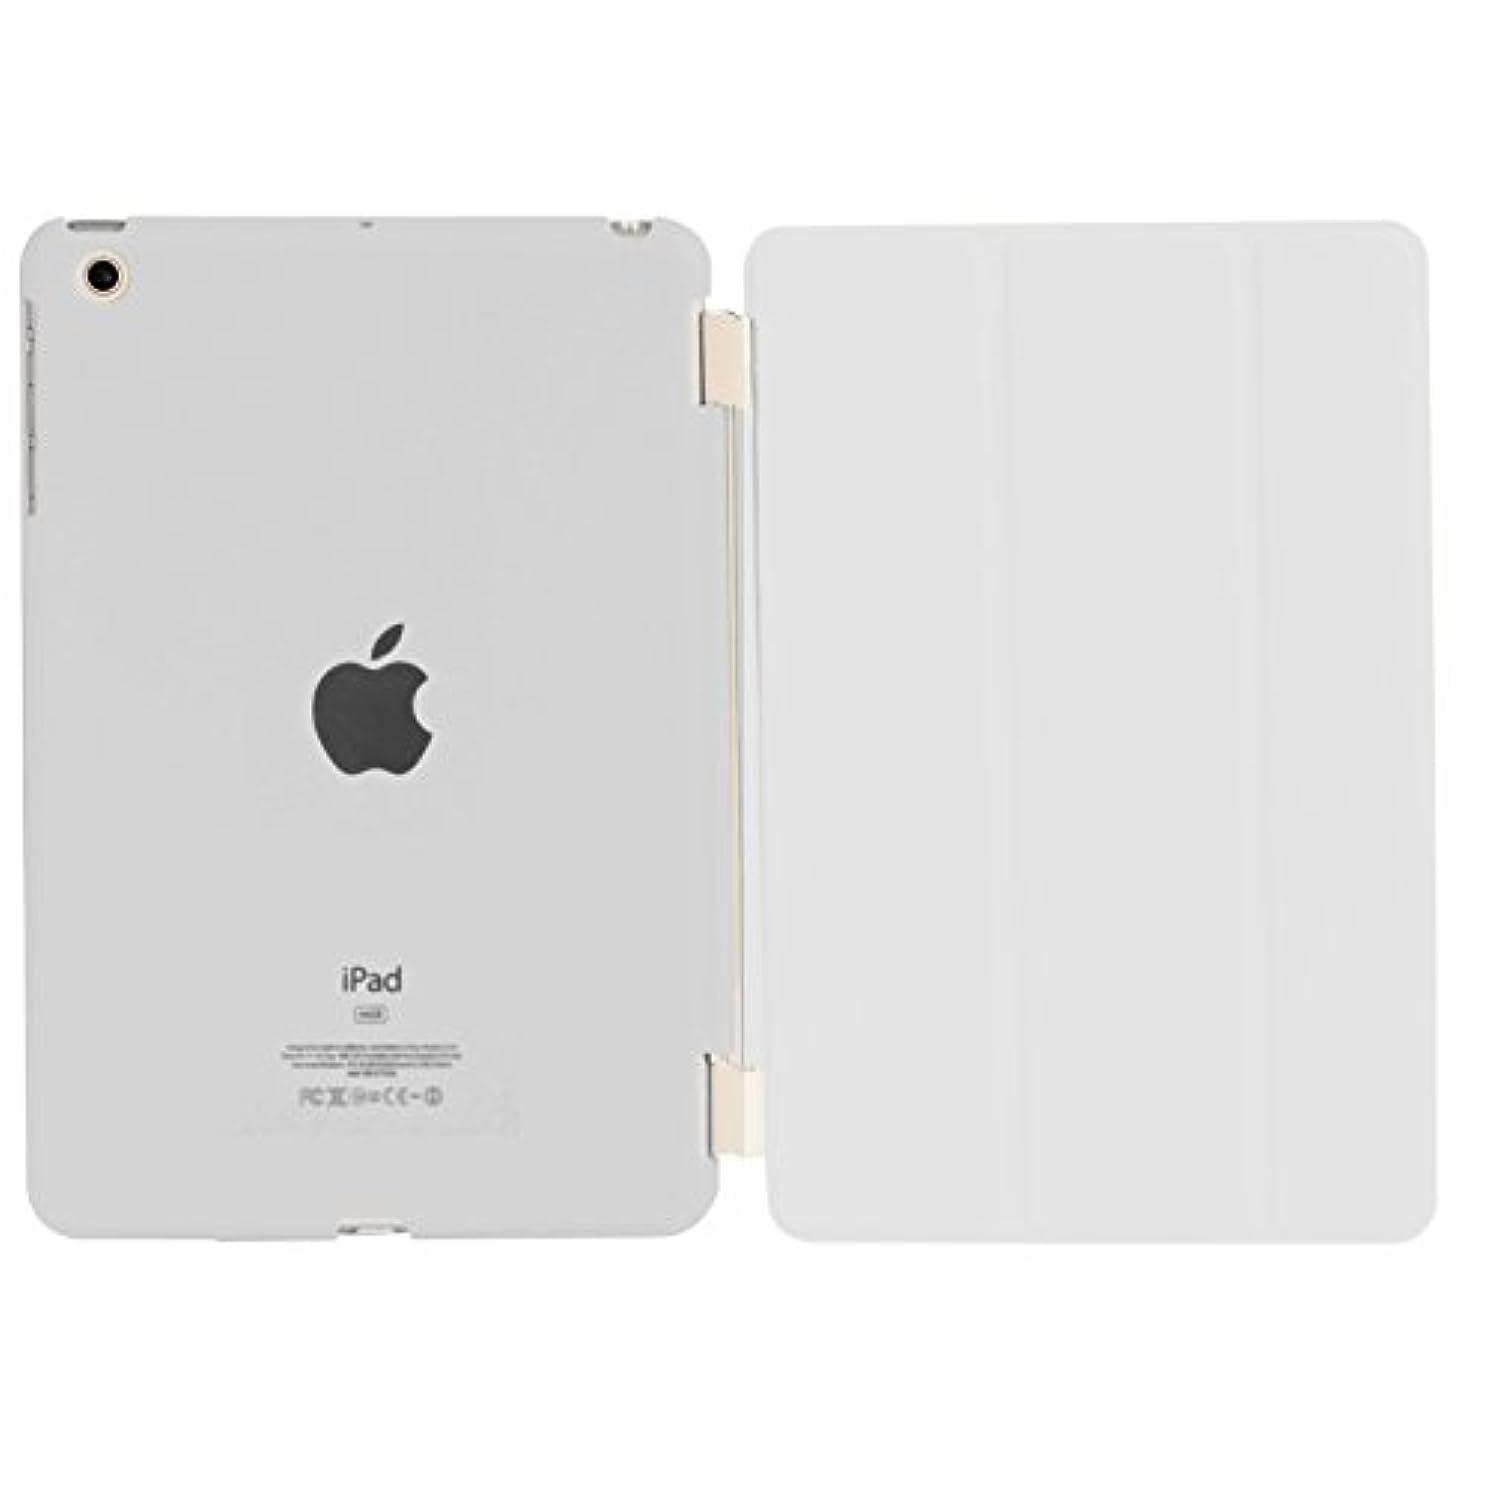 真面目なサルベージ監督するiPad mini3 / iPad mini2 / iPad mini 超薄型 スタンド仕様 マグネット スマート式 レザー ケース カバー と半透明プラスティック製 バックケース 液晶保護フィルム付き ホワイト